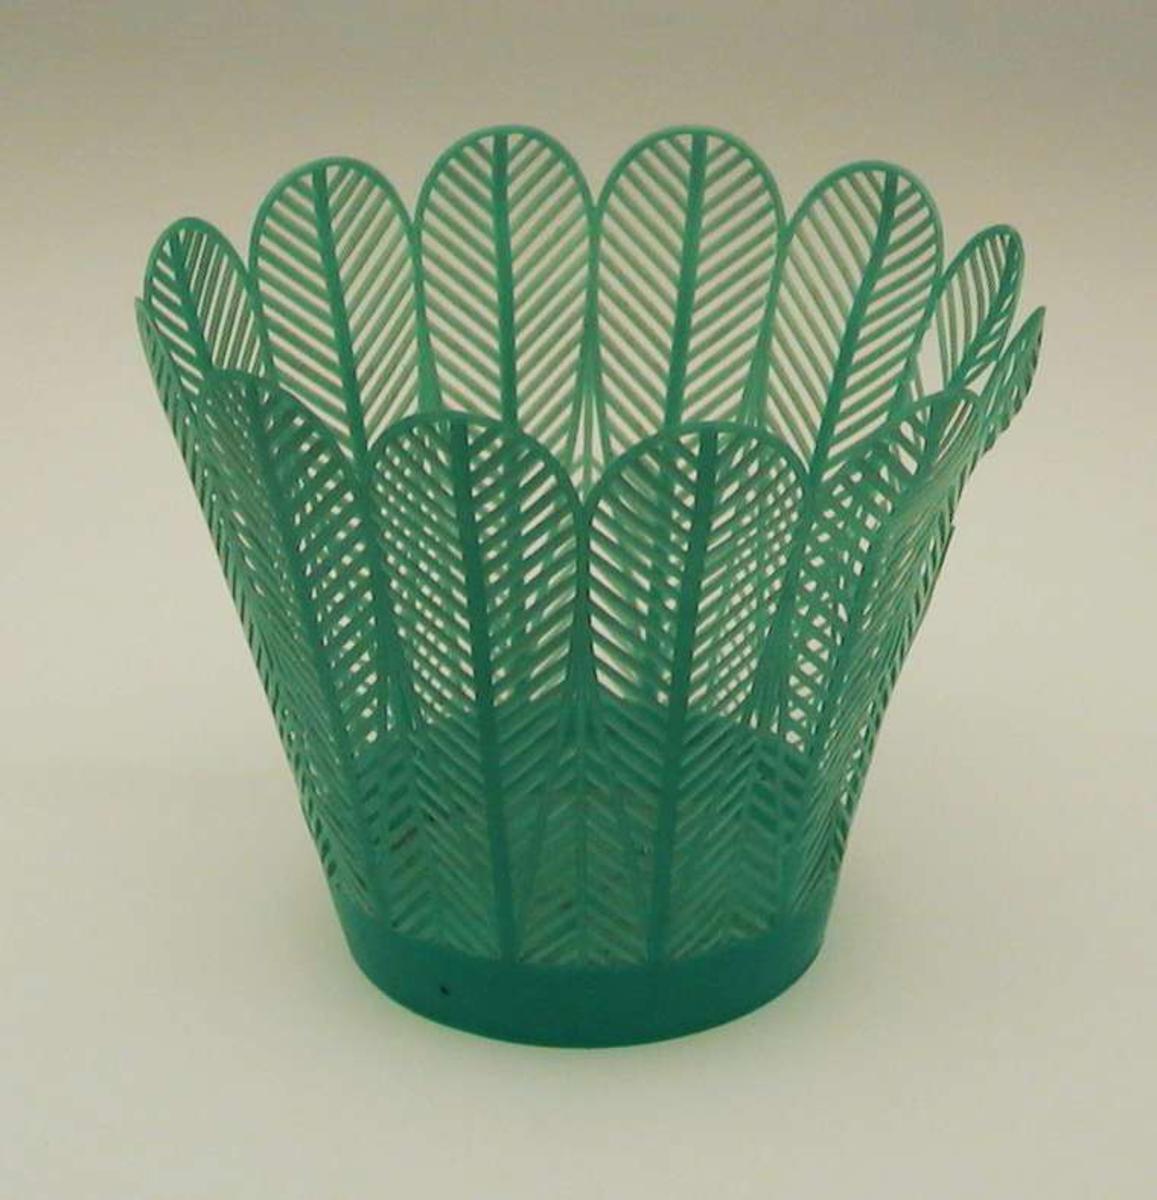 Potteskjuler i plast med gjennombrutt mønster.